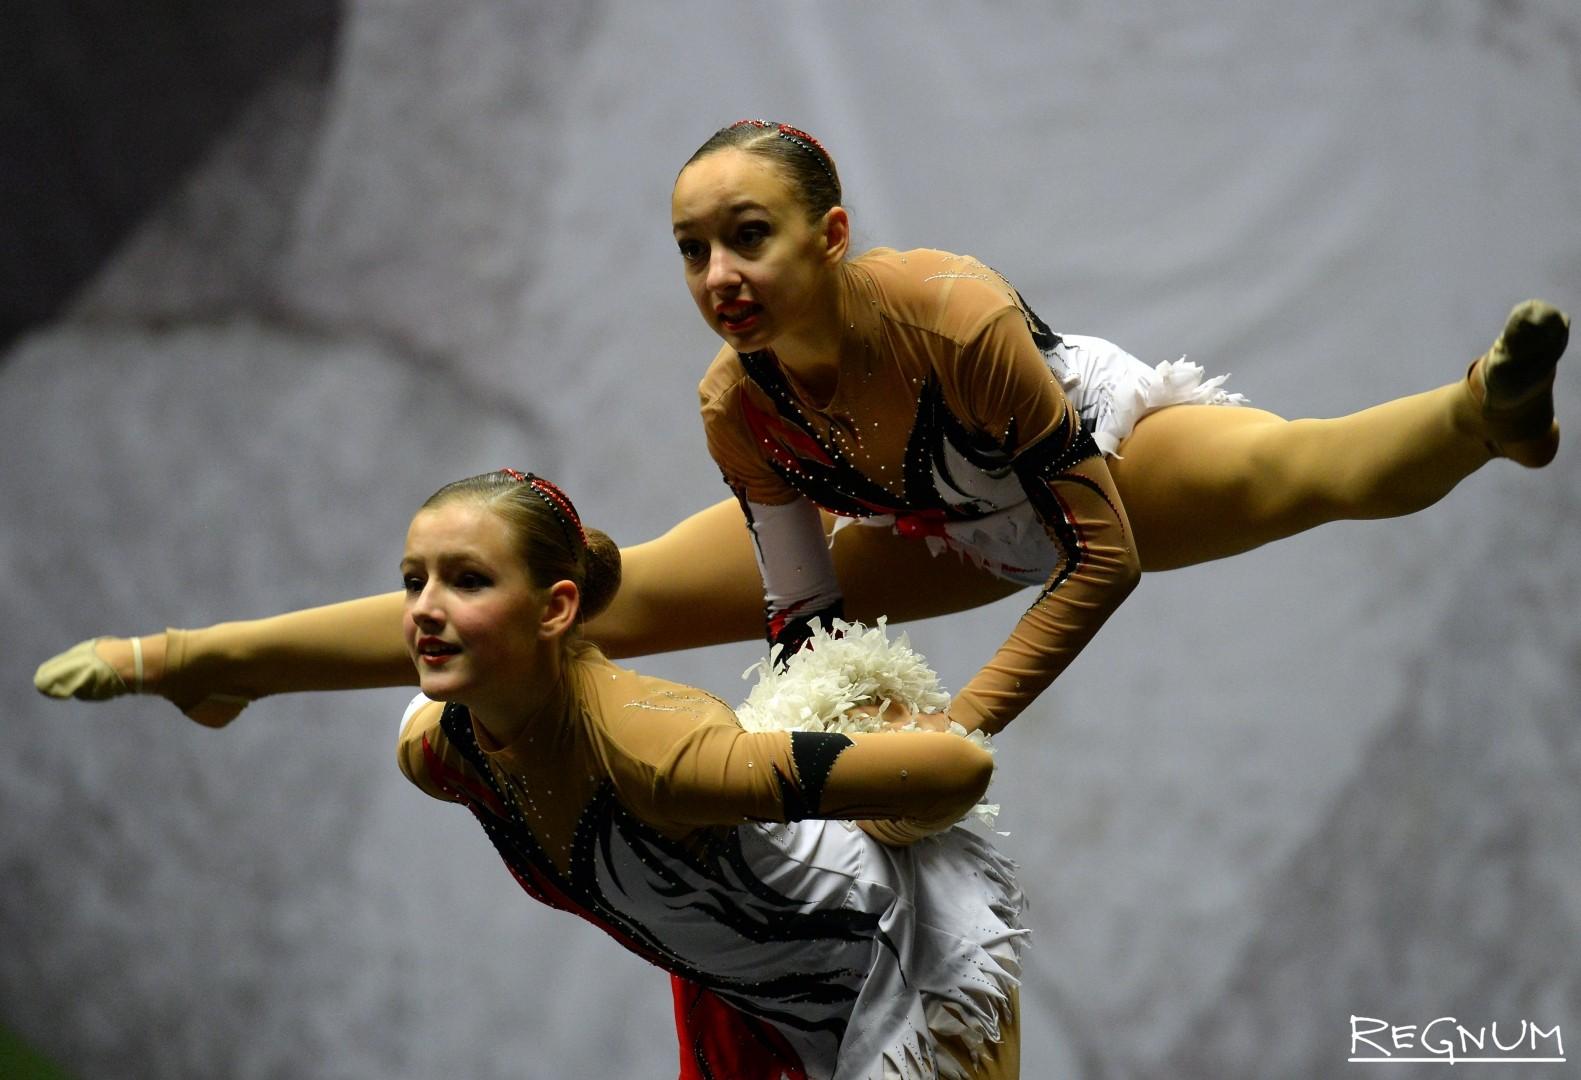 Всероссийские соревнования по чирлидингу в Санкт-Петербурге, «Чирмания — Питер»